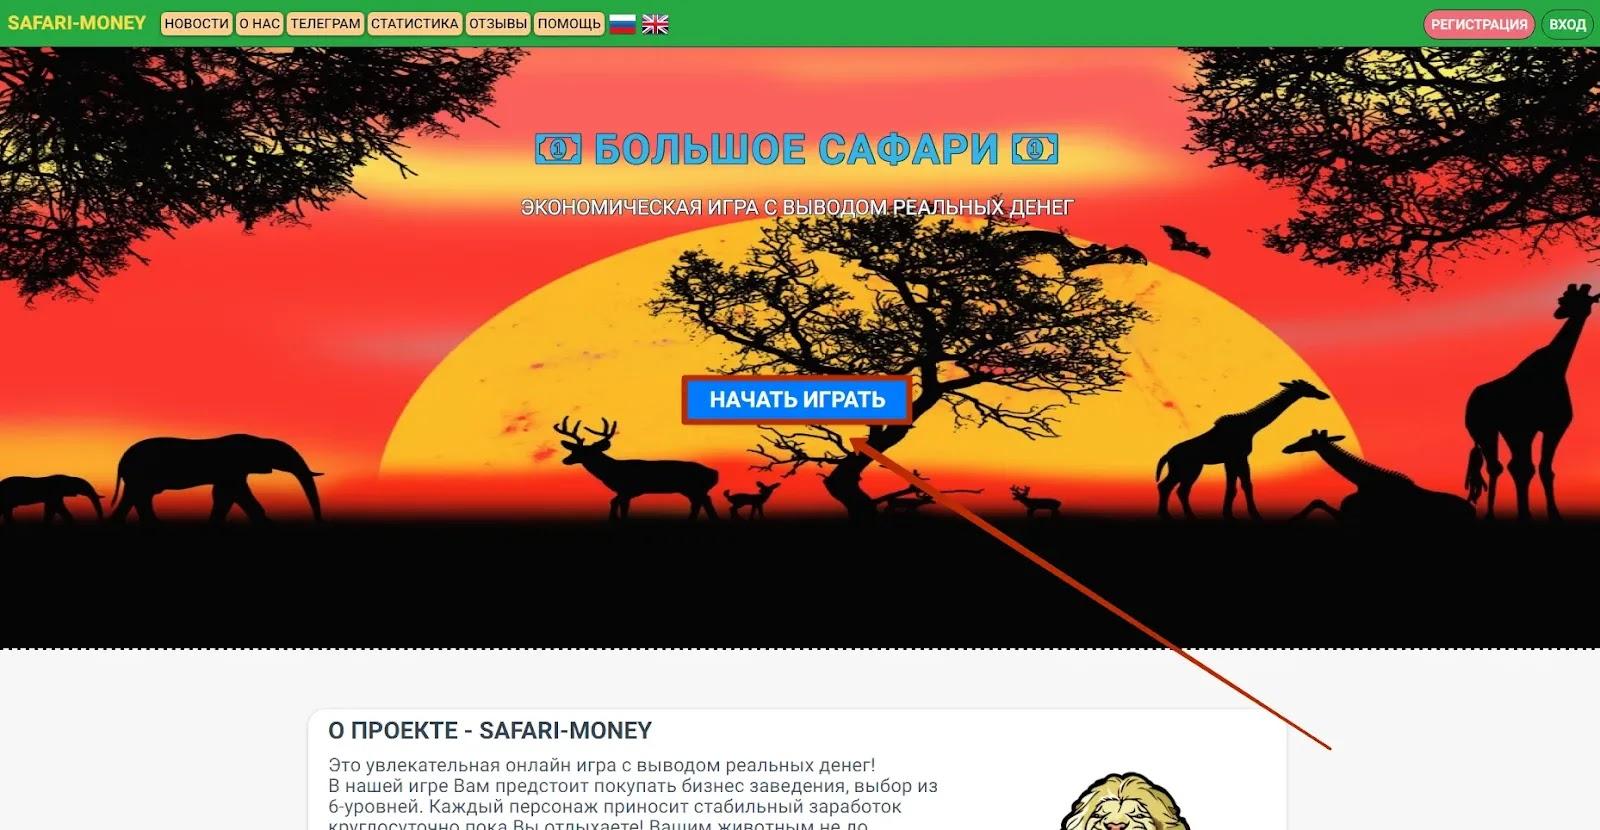 Регистрация в Safari-Money